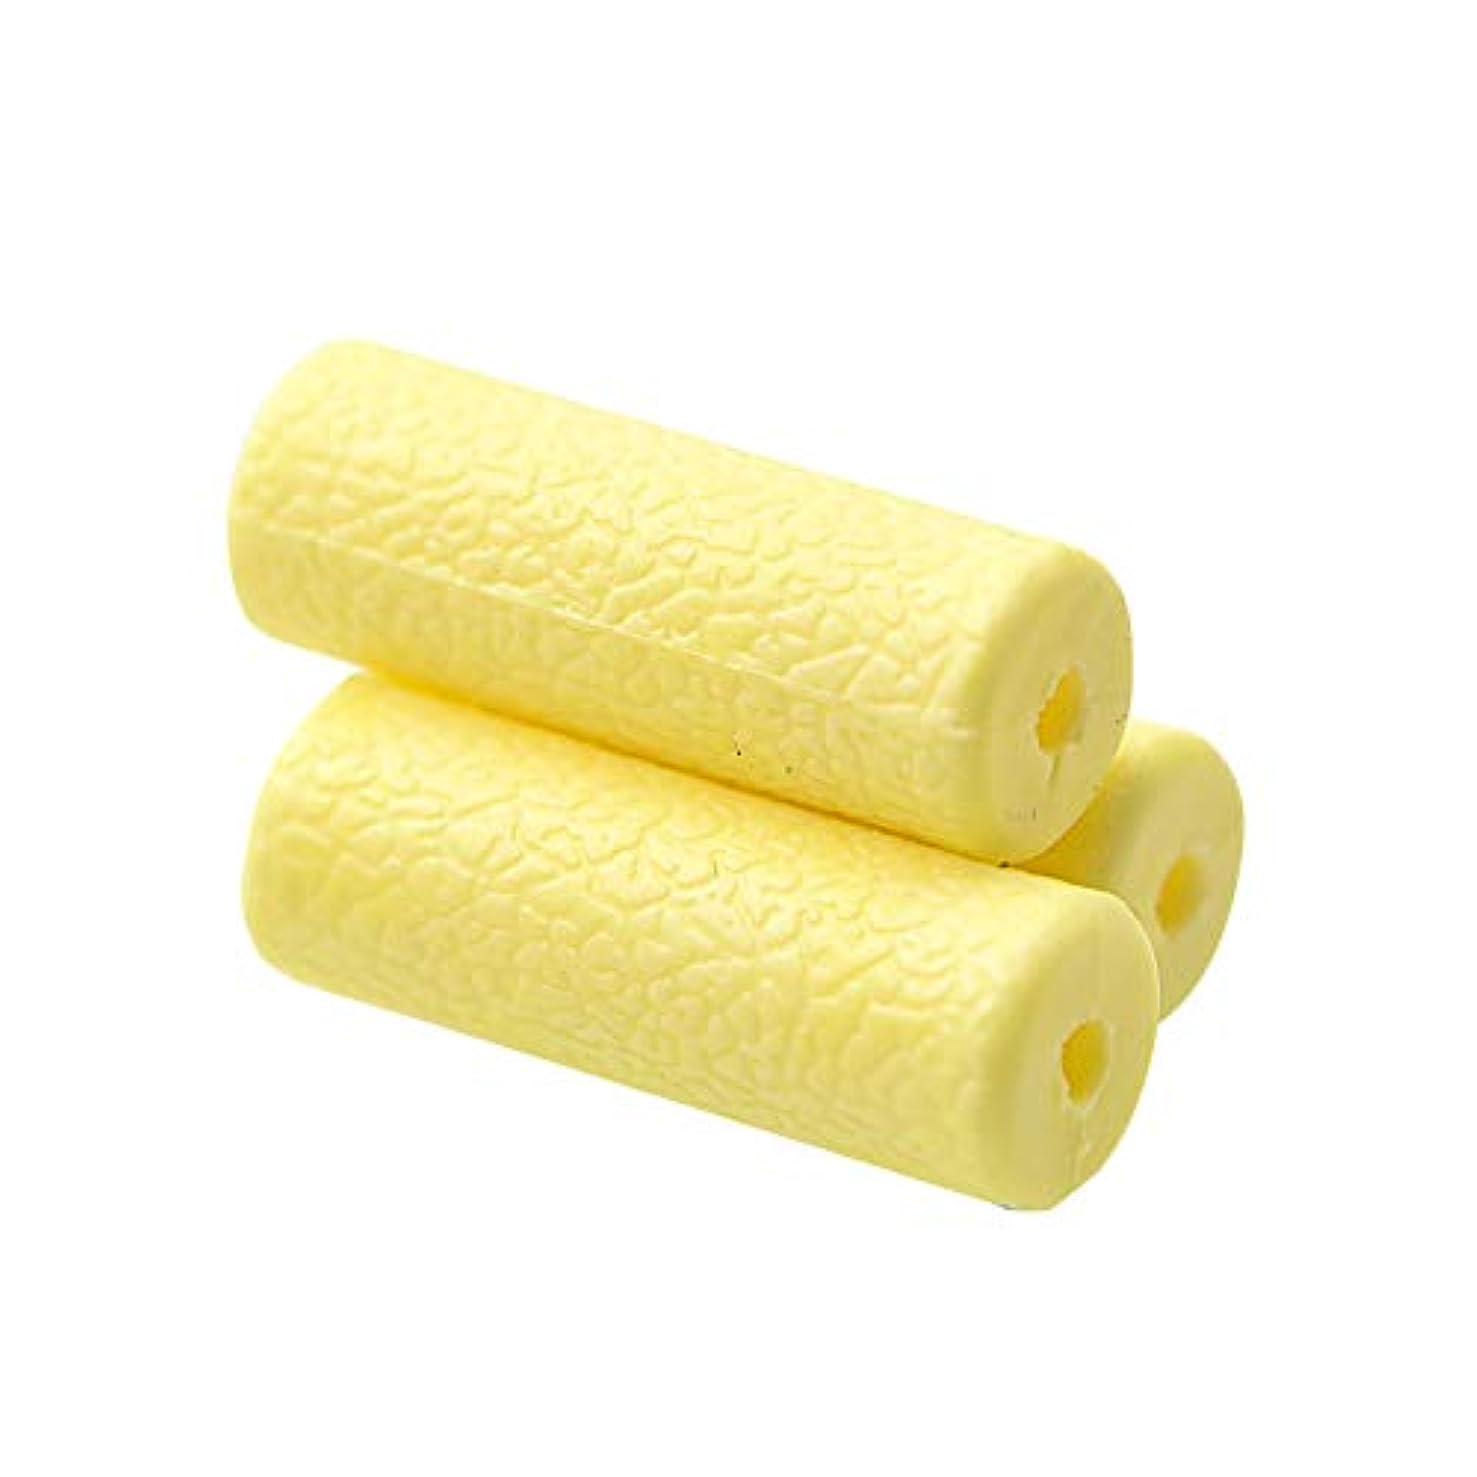 厚くする入浴スズメバチOral Dentistry 歯列矯正器具 目に見えない補正補助 チュー かむ ブレース 口腔ケア 衛生的 使いやすい 3個/ 1箱 (イエロー)